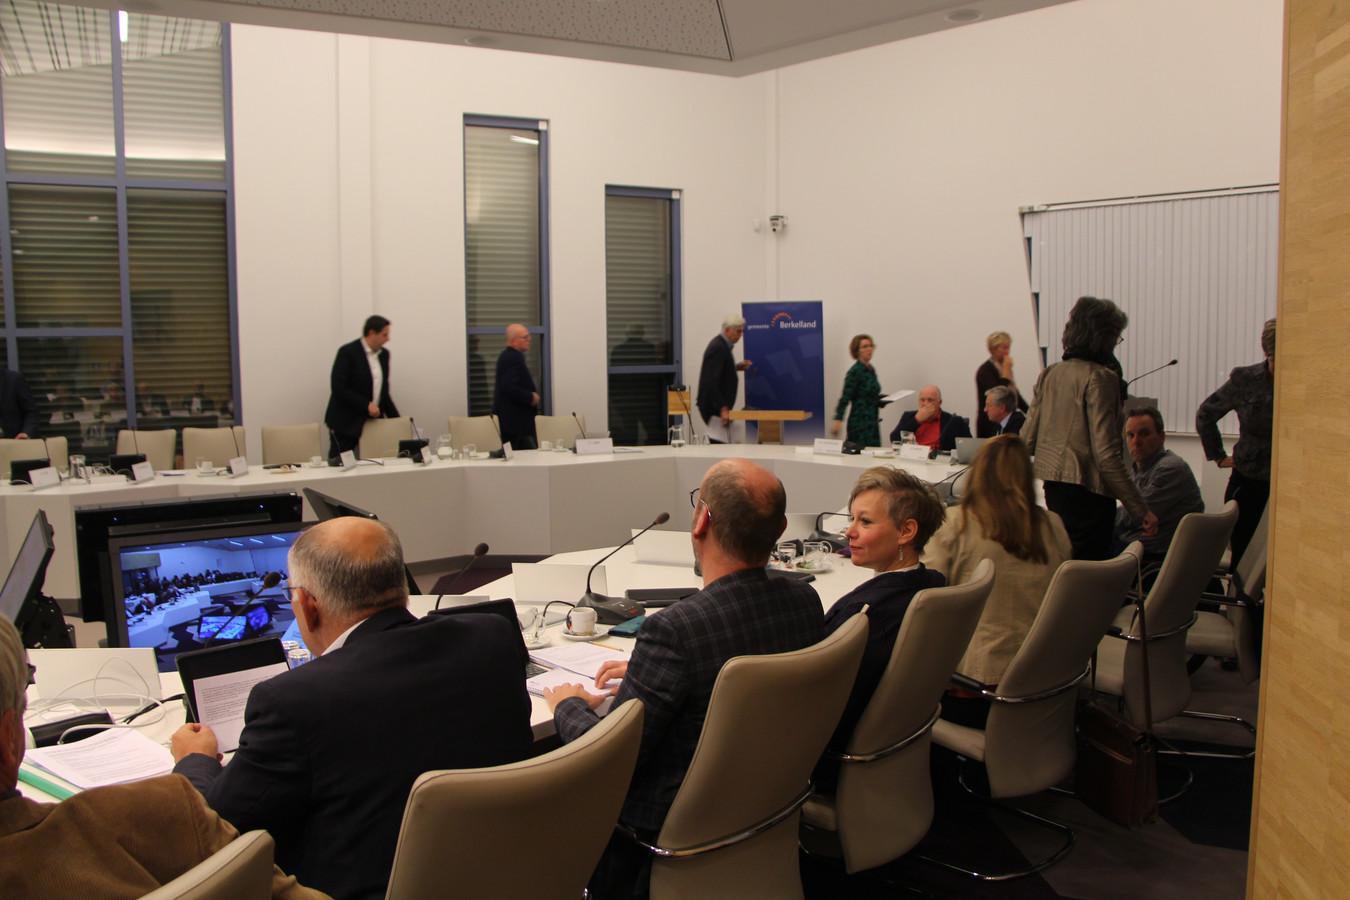 Na het indienen van de motie trekt de CDA-fractie zich terug voor beraad.